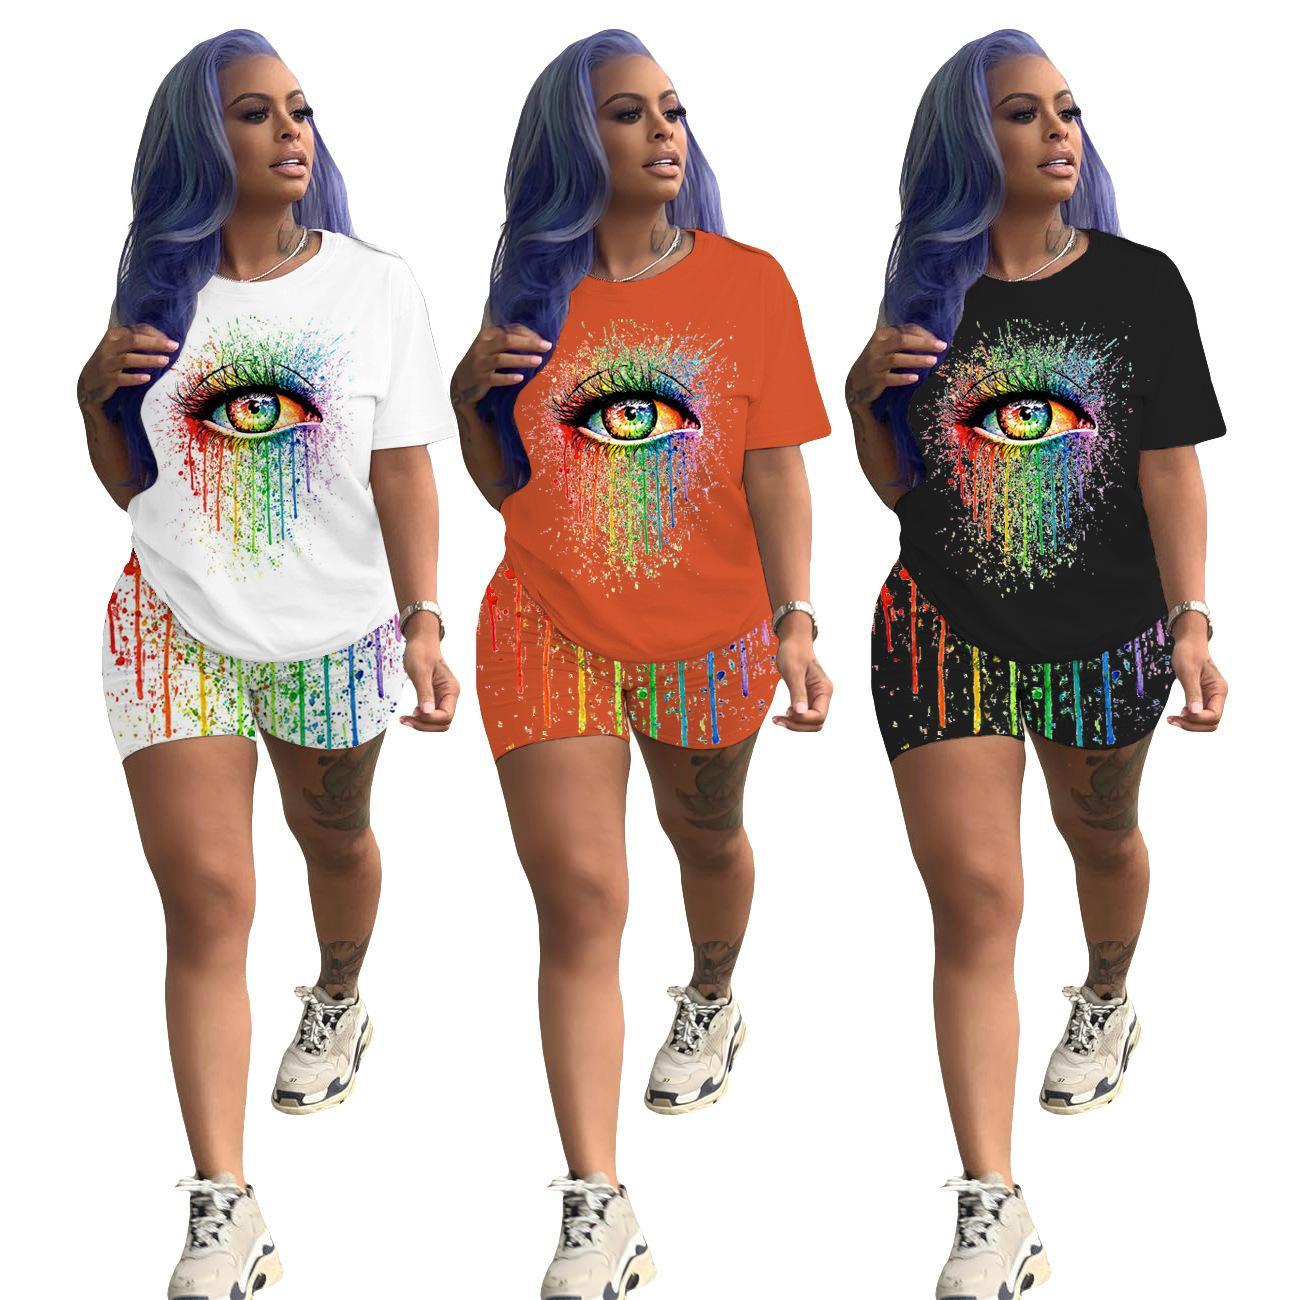 Femmes Designer Ensemble 2 pièces à manches courtes Fashion Brand Lettre Mosaic impression sport Casual Hot Pants Groupe Costume Jogging